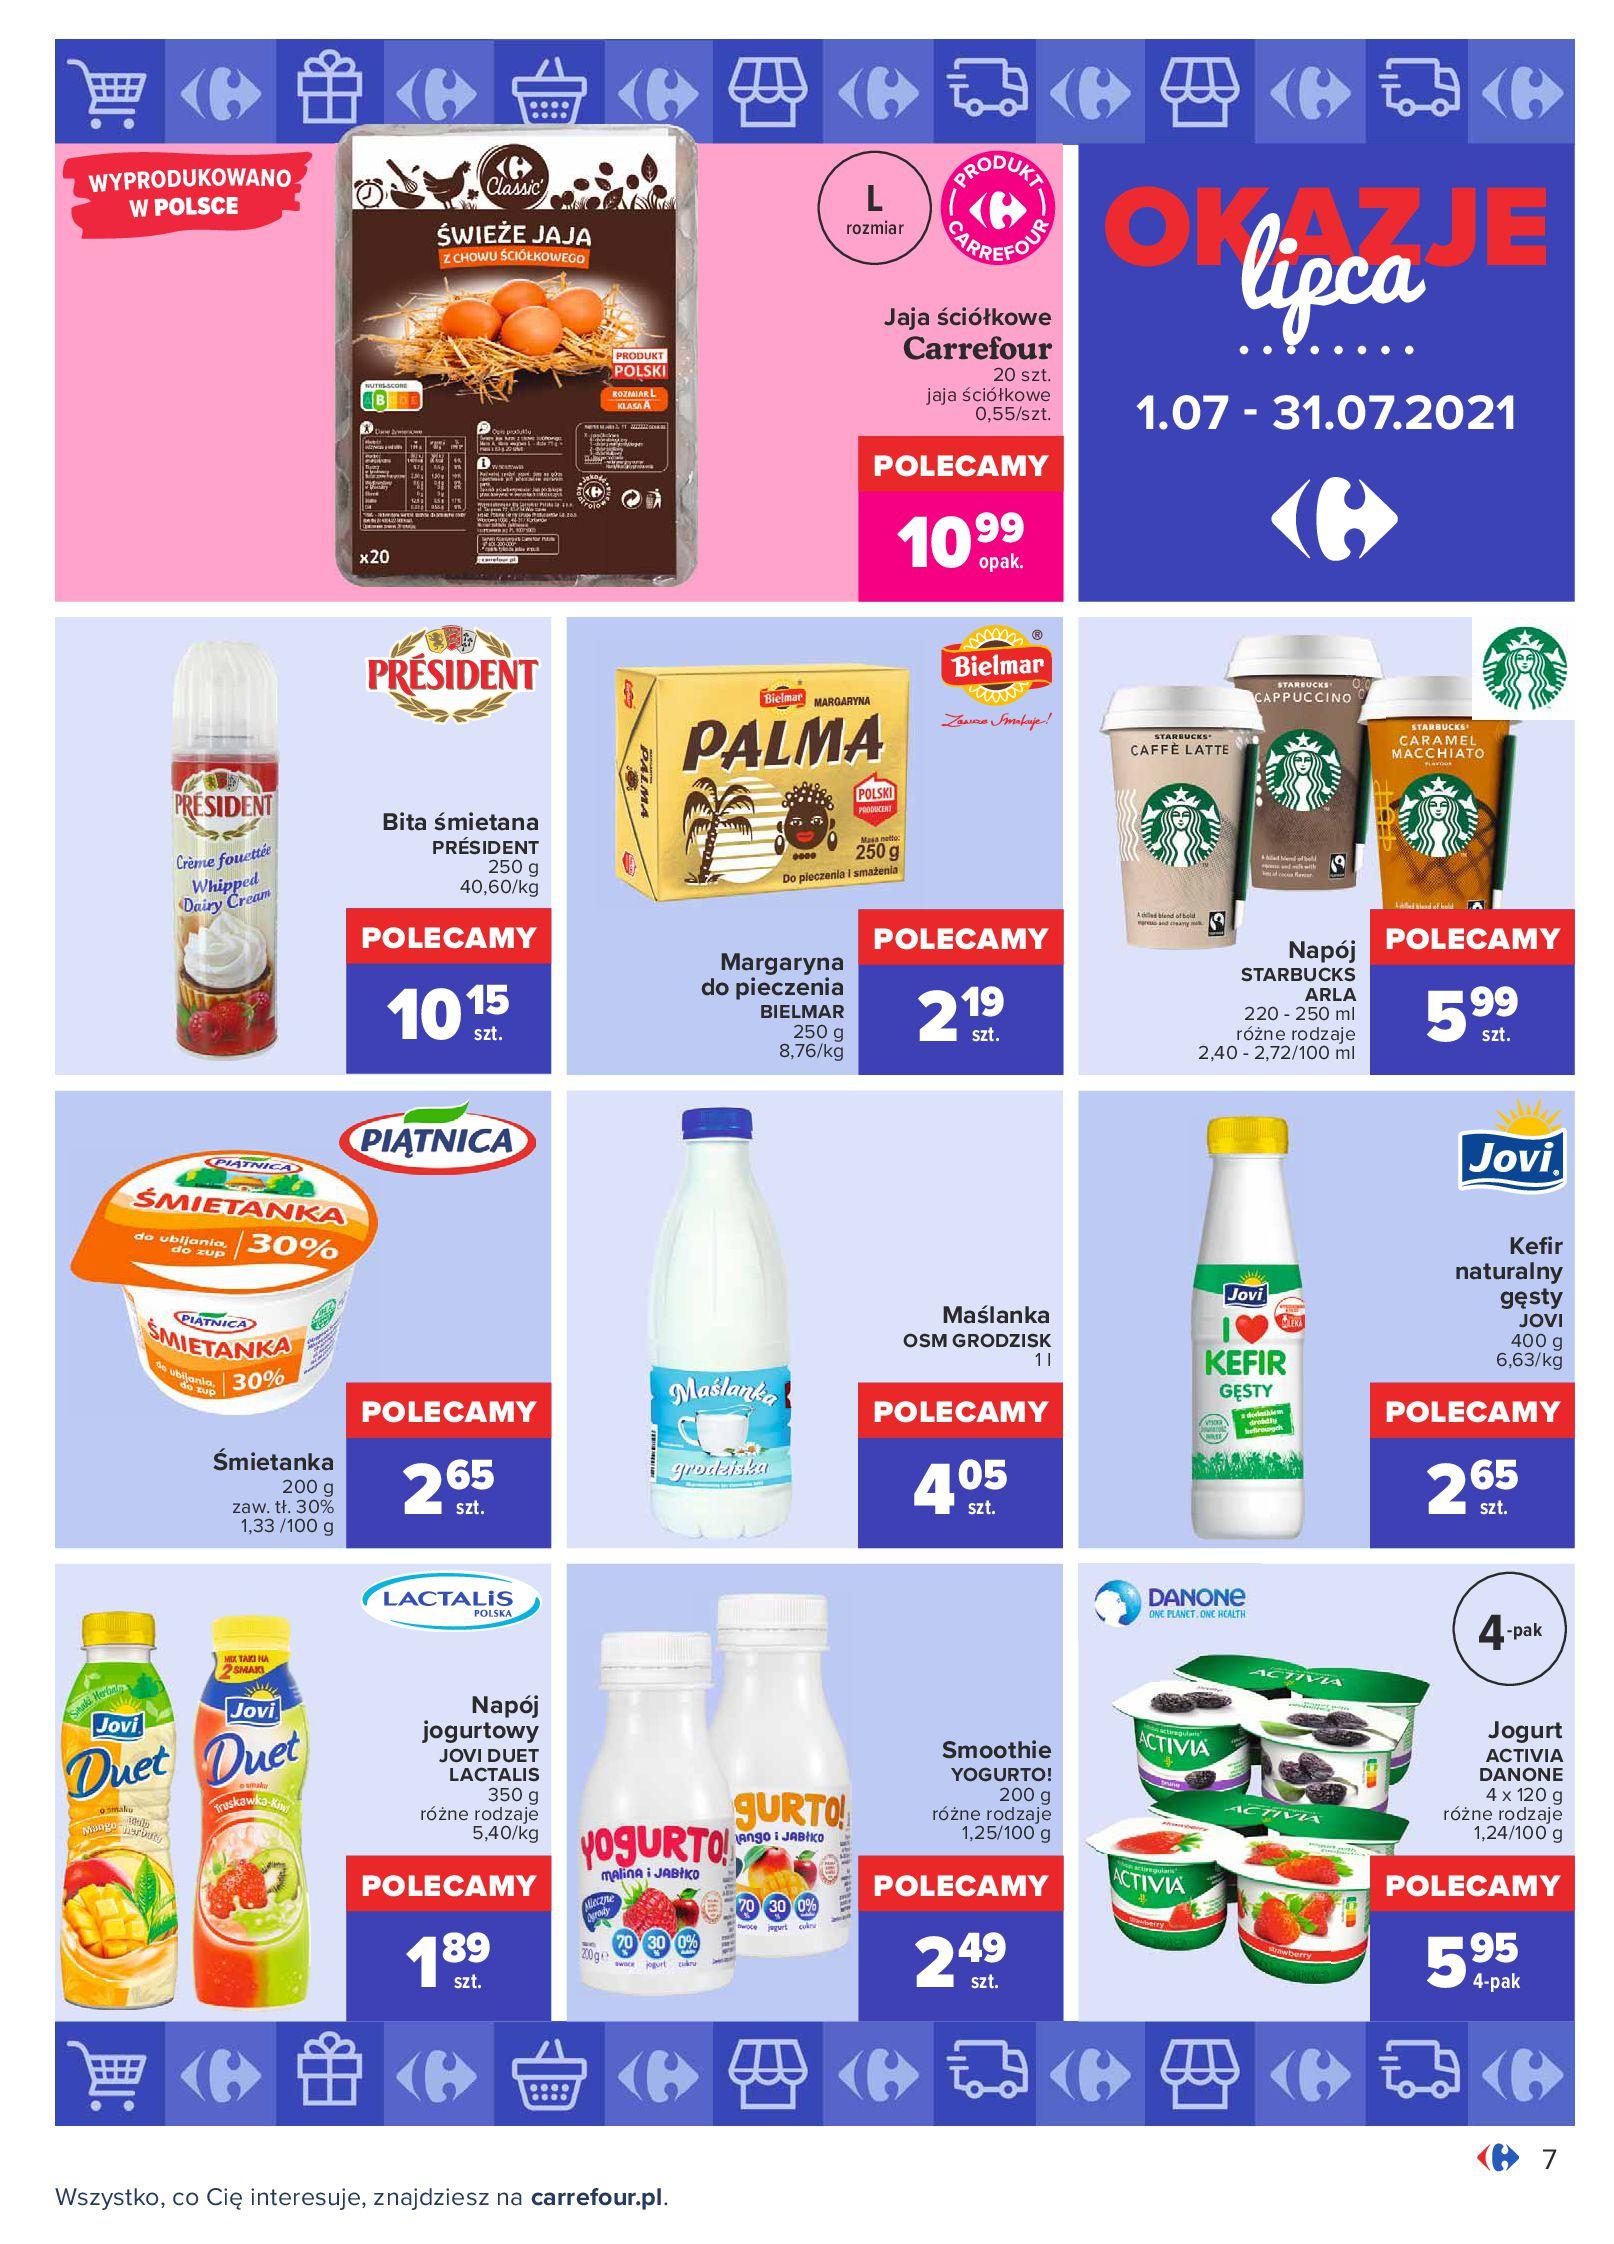 Gazetka Carrefour: Gazetka Carrefour - Okazje lipca 2021-07-01 page-7